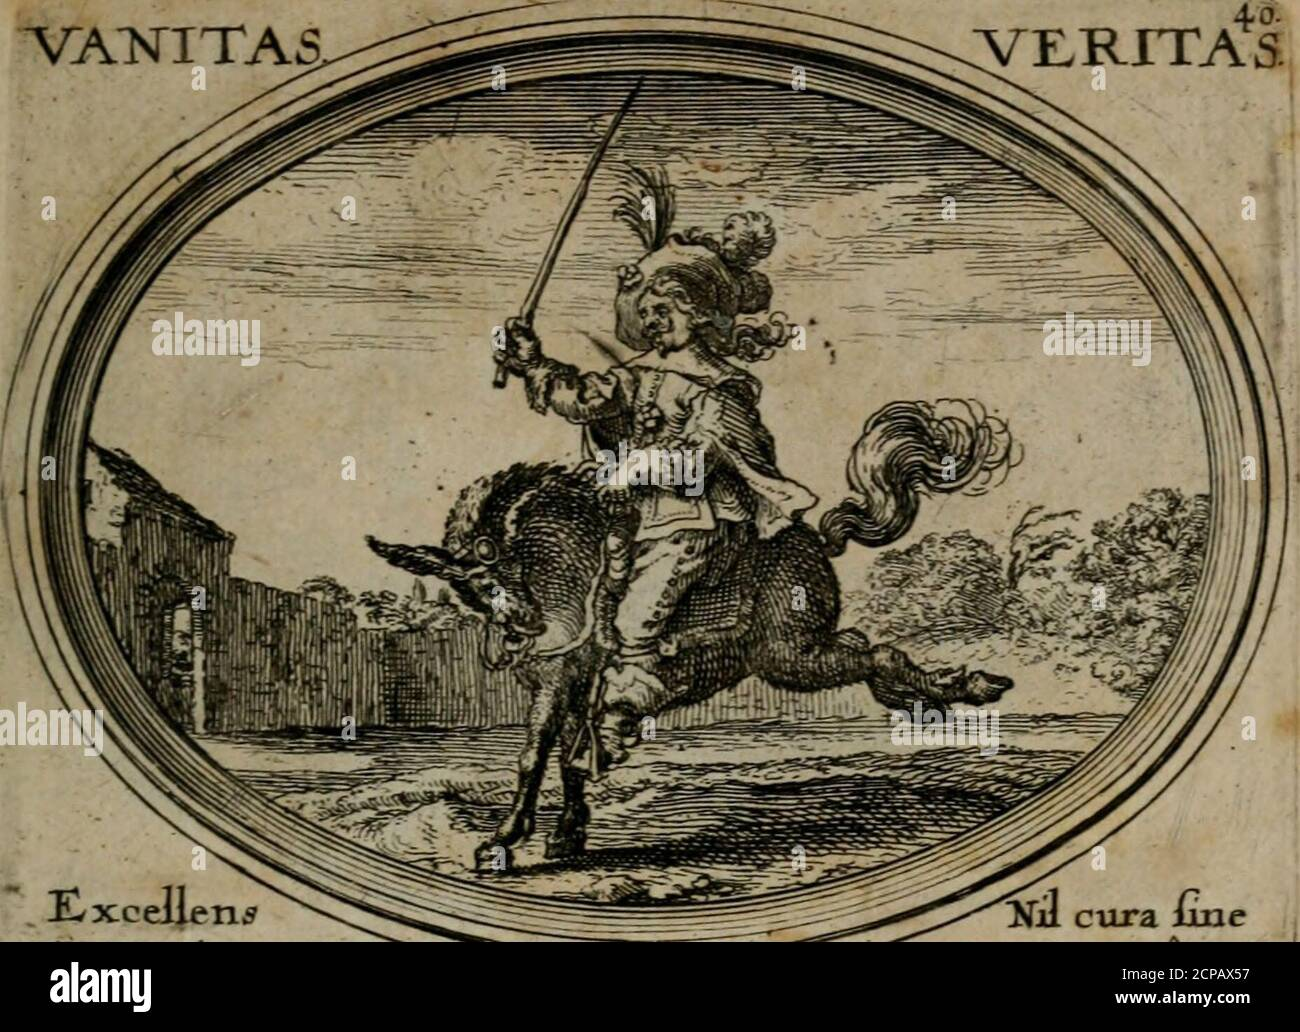 . Mundi lapis lydius, siue, Emblemata moralia nobilissimi viri D. Antonii A. Burgundia quondam Archidiaconi Brugensis : in quibus vanitas per veritatem falsi accusatur & conuincitur . ■ Ntepotu-mcopia.. Certuiolainen,et ccrtus Labour. T^/ tnedicum ccrtLjiondetJojarninis ulcus,SED^ari^ certLarande lahoris onus . Sii nimis inccrtumjolamcn, ma^na ne^otuniCo^iajd certus ^erpituus^e Iwor ■ VT canferumimcertum roWeneilet cerrtiy lator:ILP ^egtttttttttttttttttteu^fi^fi-ctwLlbor ct.i^i.i^Jillian.jillian.jhirtiiwyrdxi.jhirlnrlnrlnrdjiwi. Lian cuJir va-KITAS. Banque D'Images